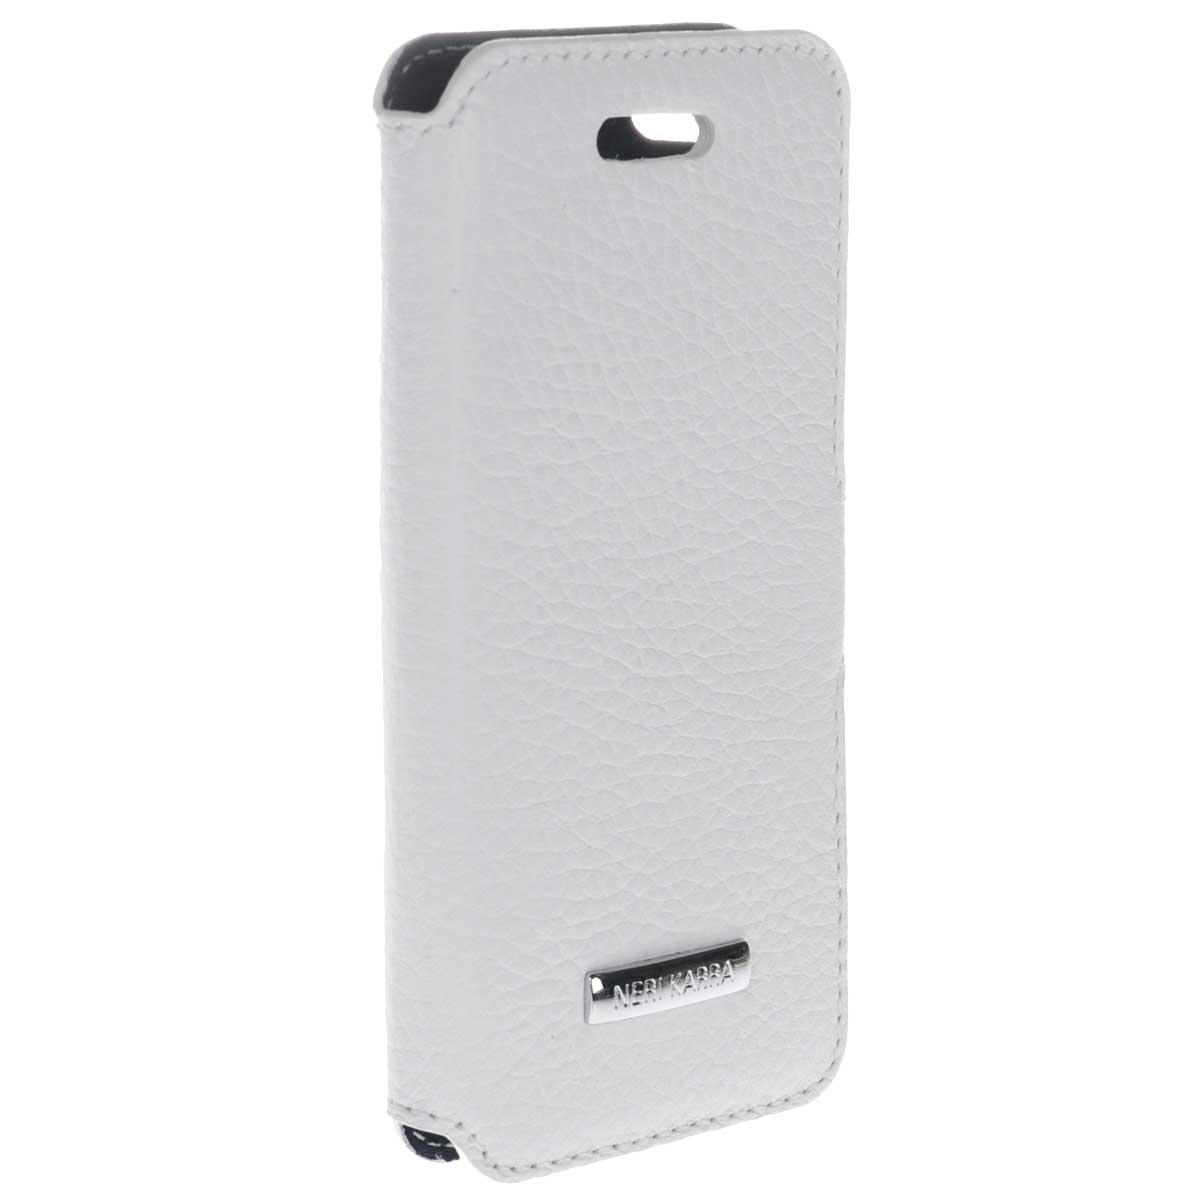 Neri Karra чехол для Apple iPhone 5/5s, White552.505.12/07Neri Karra - стильный аксессуар из натуральной кожи, который защитит ваше мобильное устройство от внешних воздействий, грязи, пыли, брызг. Чехол также поможет при ударах и падениях, смягчая удары, не позволяя образовываться на корпусе царапинам и потертостям. Обеспечивает свободный доступ ко всем разъемам и клавишам устройства.